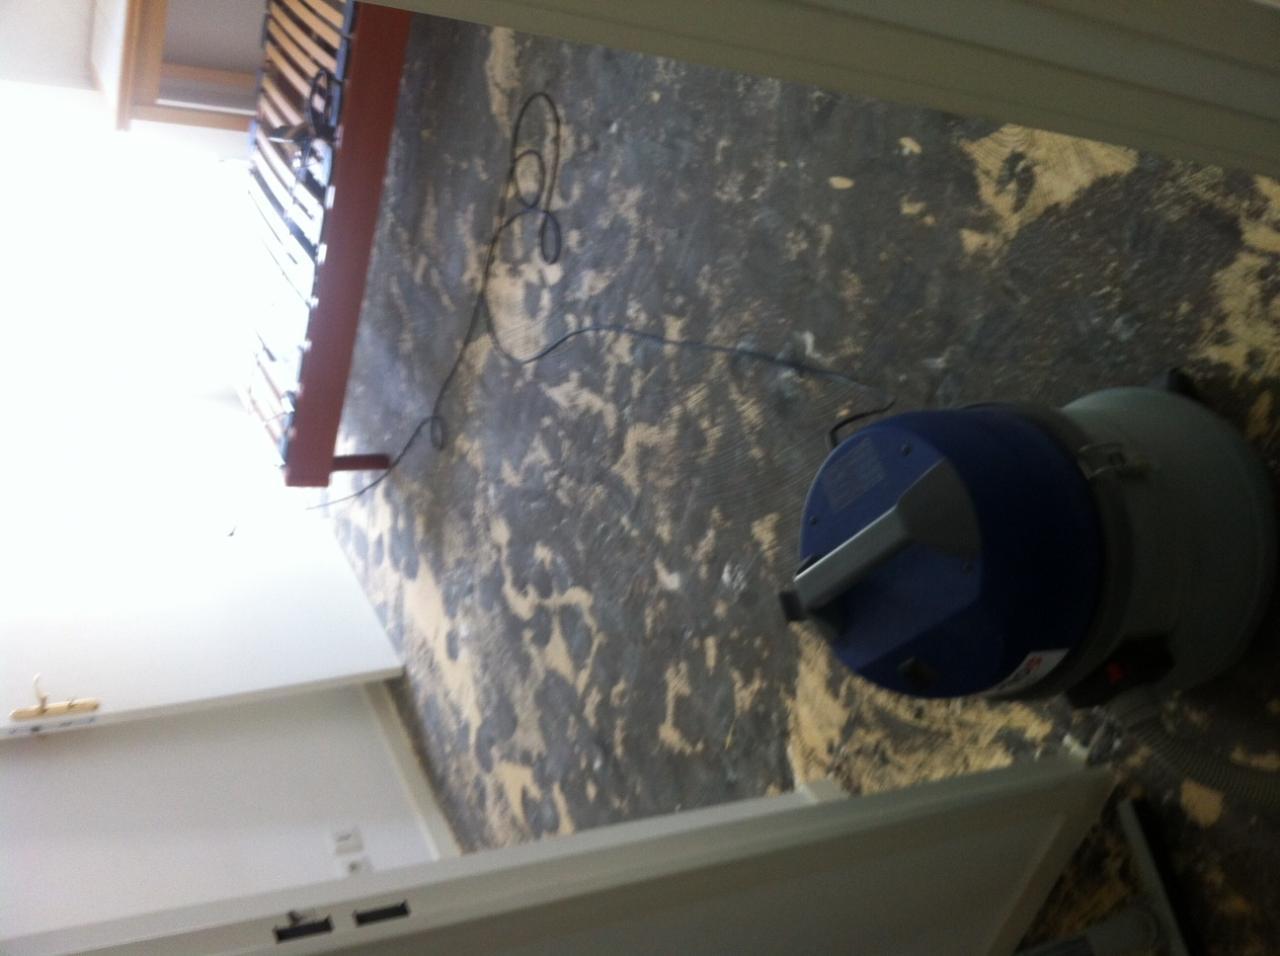 résultat de la dépose de la mousse des moquettes au Scrapper